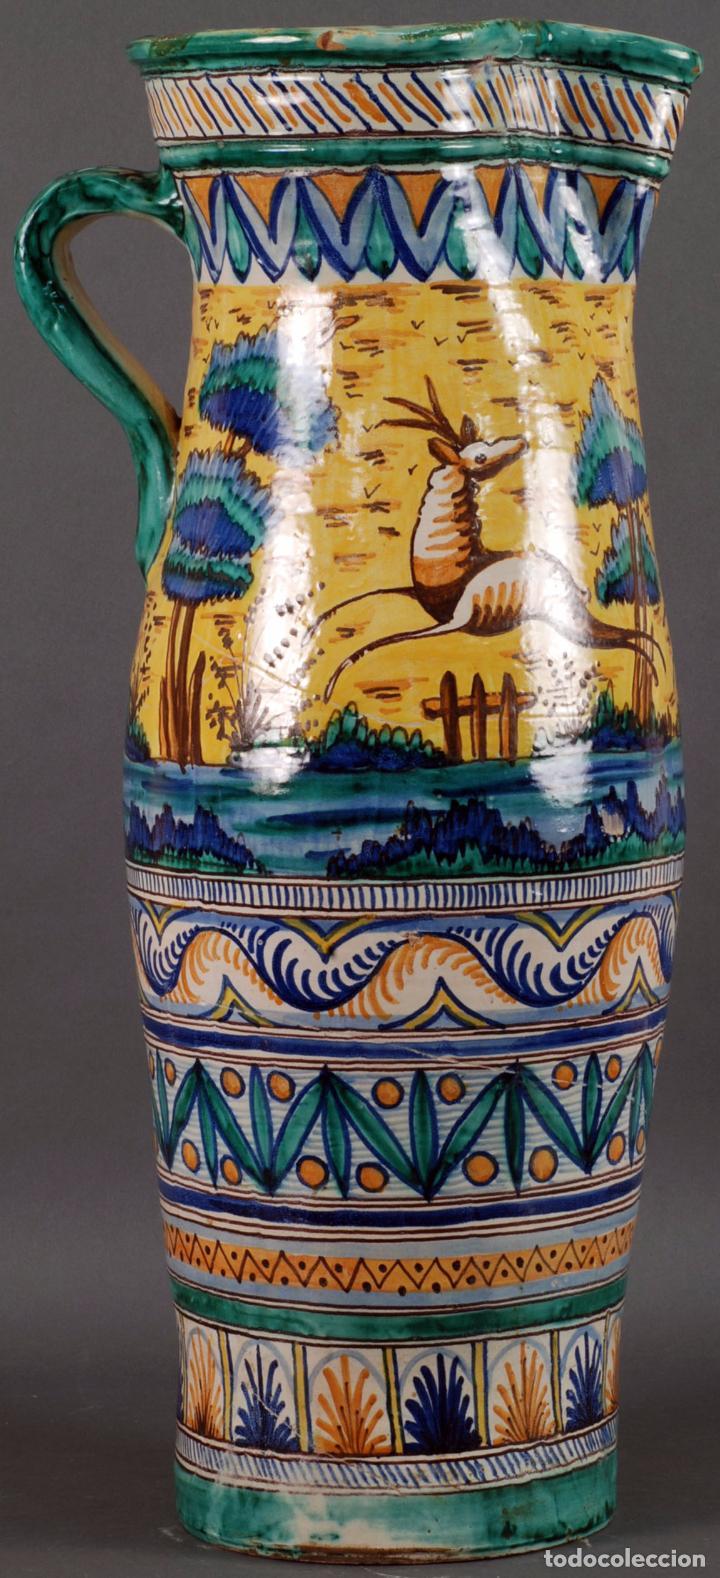 Antigüedades: Jarra jarron cerámica Triana tema cacería montería finales del siglo XIX - Foto 3 - 104696799